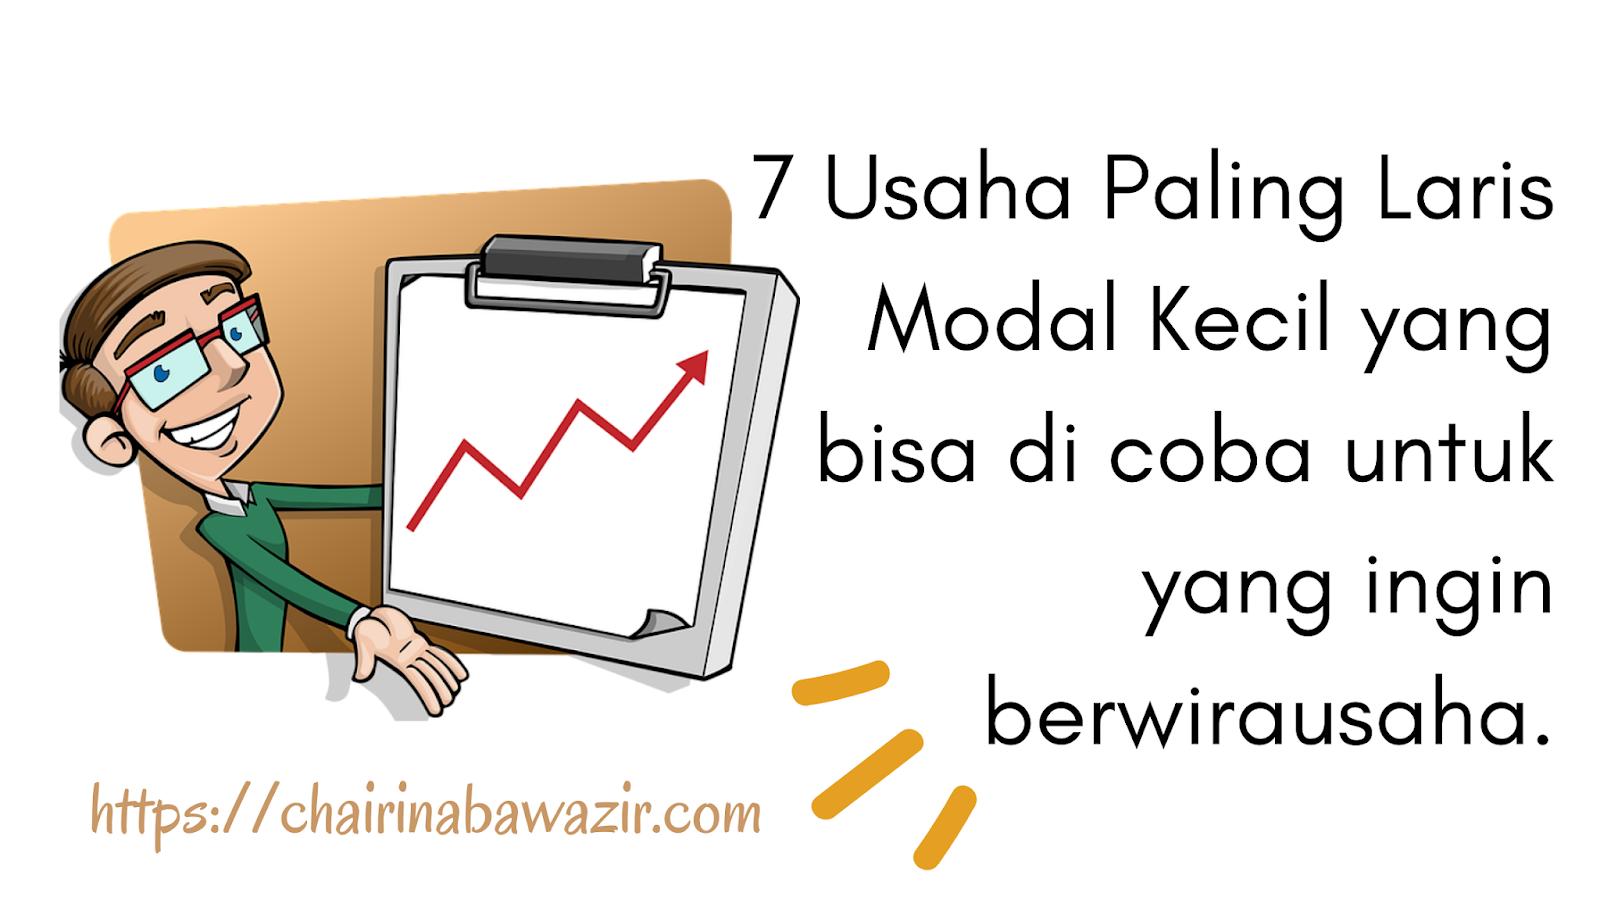 7-Usaha-Paling-Laris-Modal-Kecil-yang -bisa-di-coba-untuk-yang-ingin -berwirausaha.